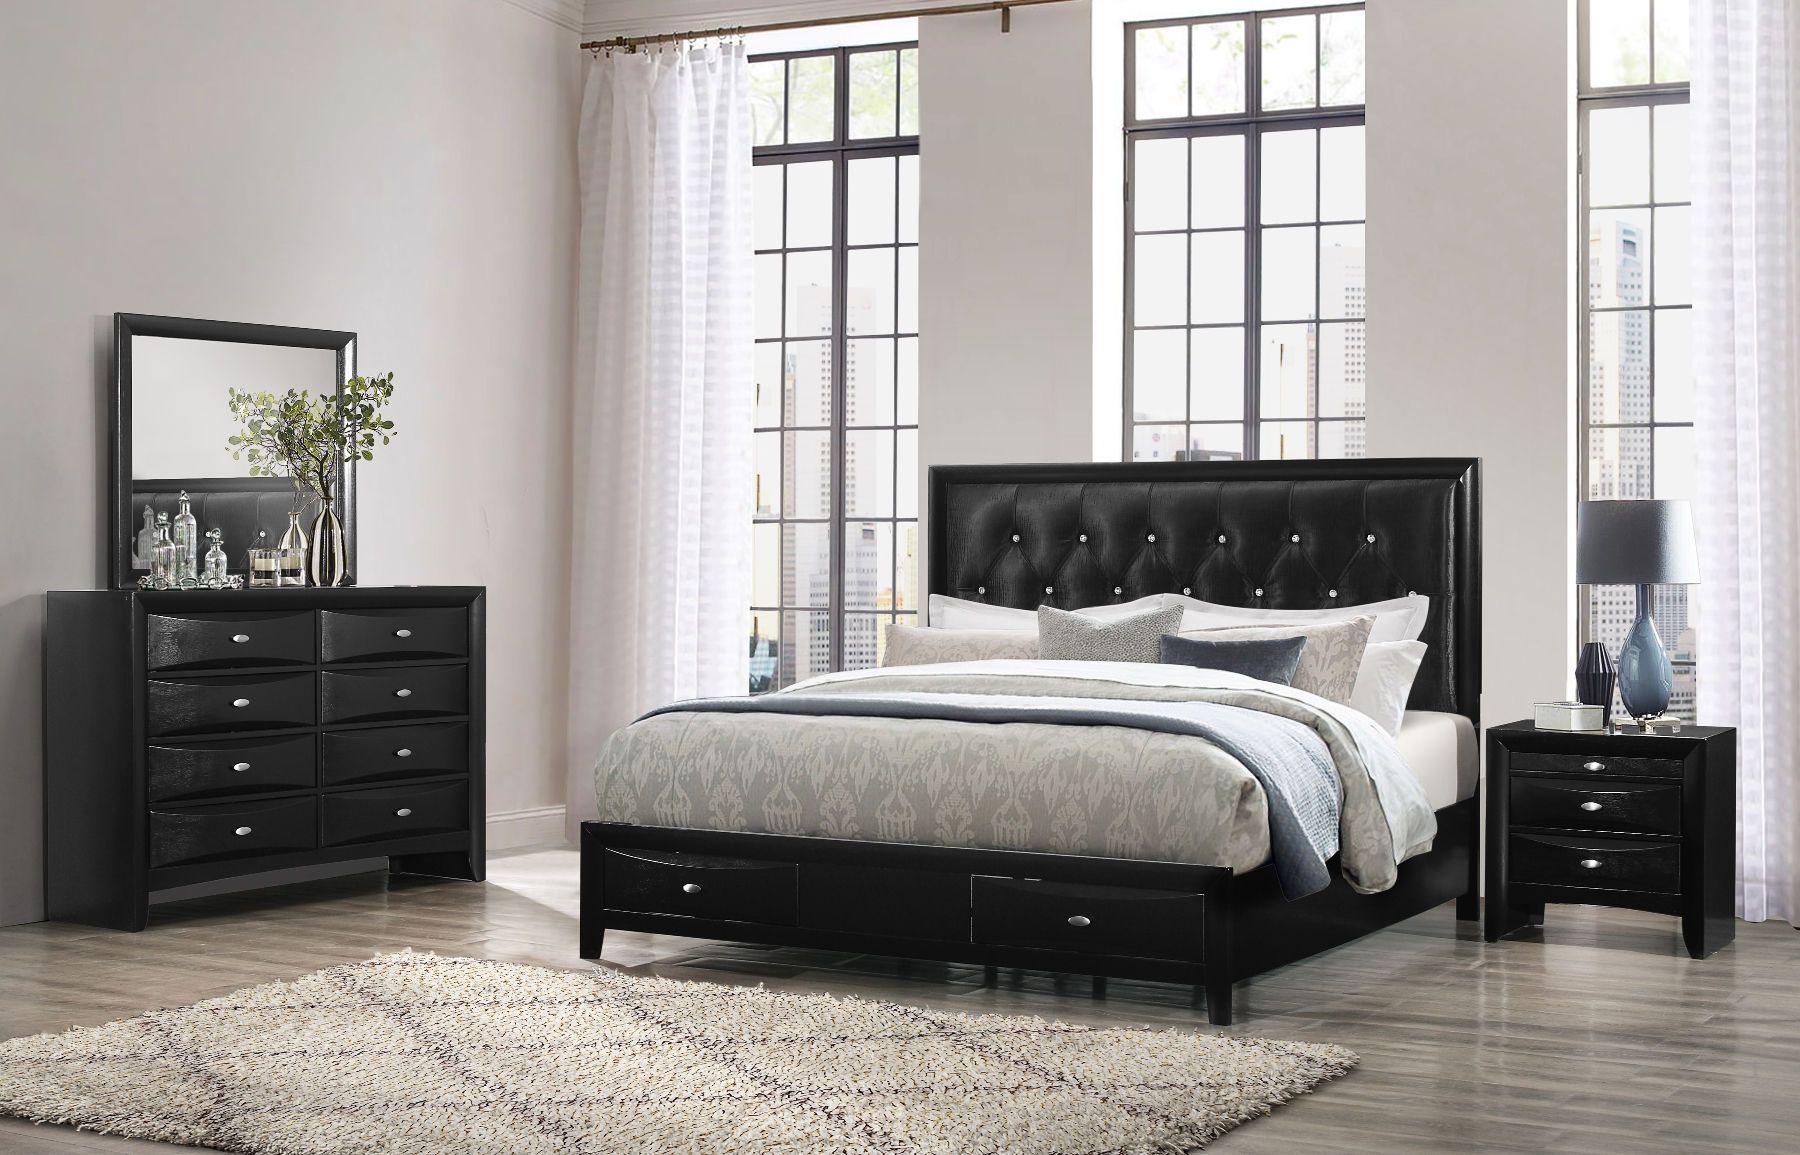 Salerno Black King Size Bed Salerno Linda Global Furniture Usa King Size Beds In 2020 Black Bedroom Furniture Set Full Bedroom Furniture Sets Black Bedroom Furniture